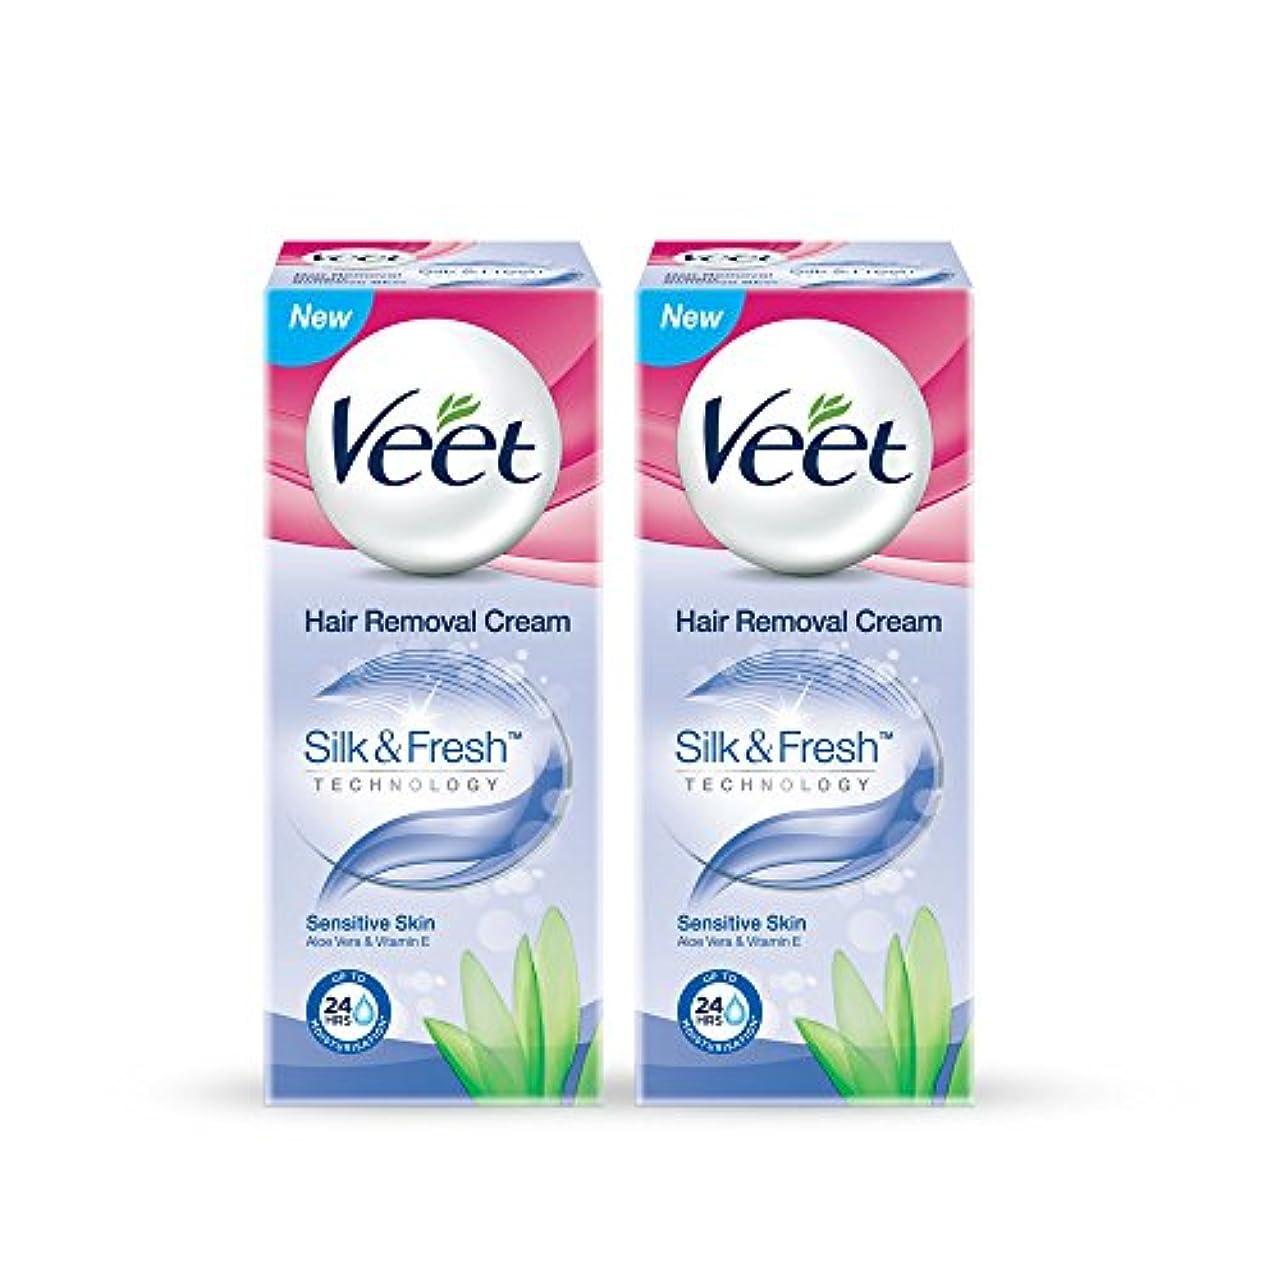 ミサイル戦略インタラクションVeet Hair Removal Gel Cream For Sensitive Skin With Aloe Vera and Vitamin E 25 g (Pack of 2)